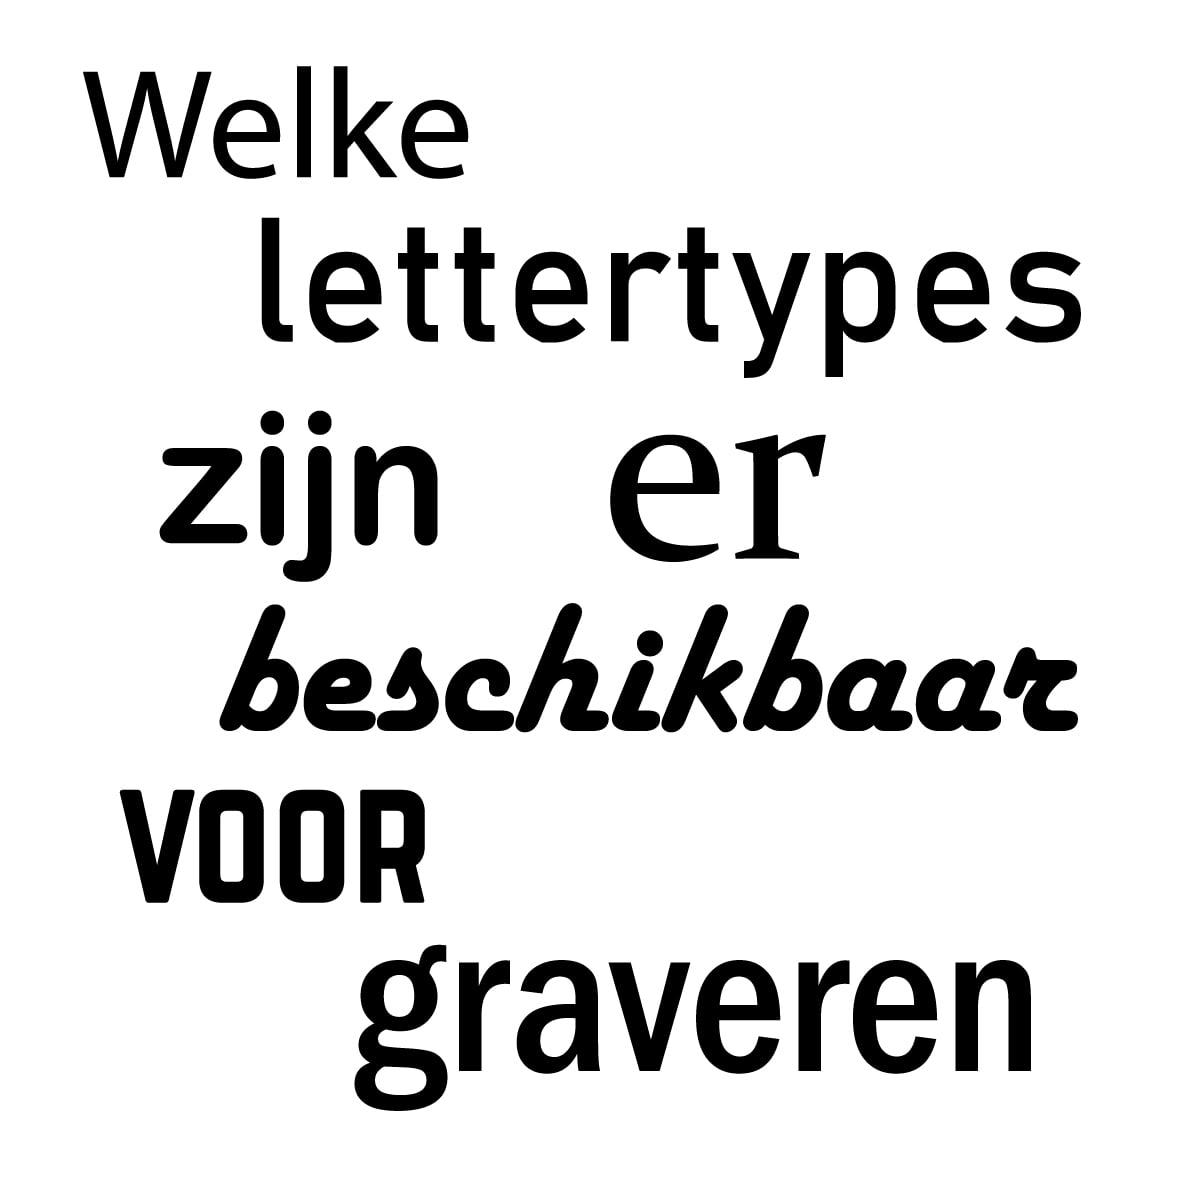 Luxigo - Welke lettertypes zijn er beschikbaar voor graveren